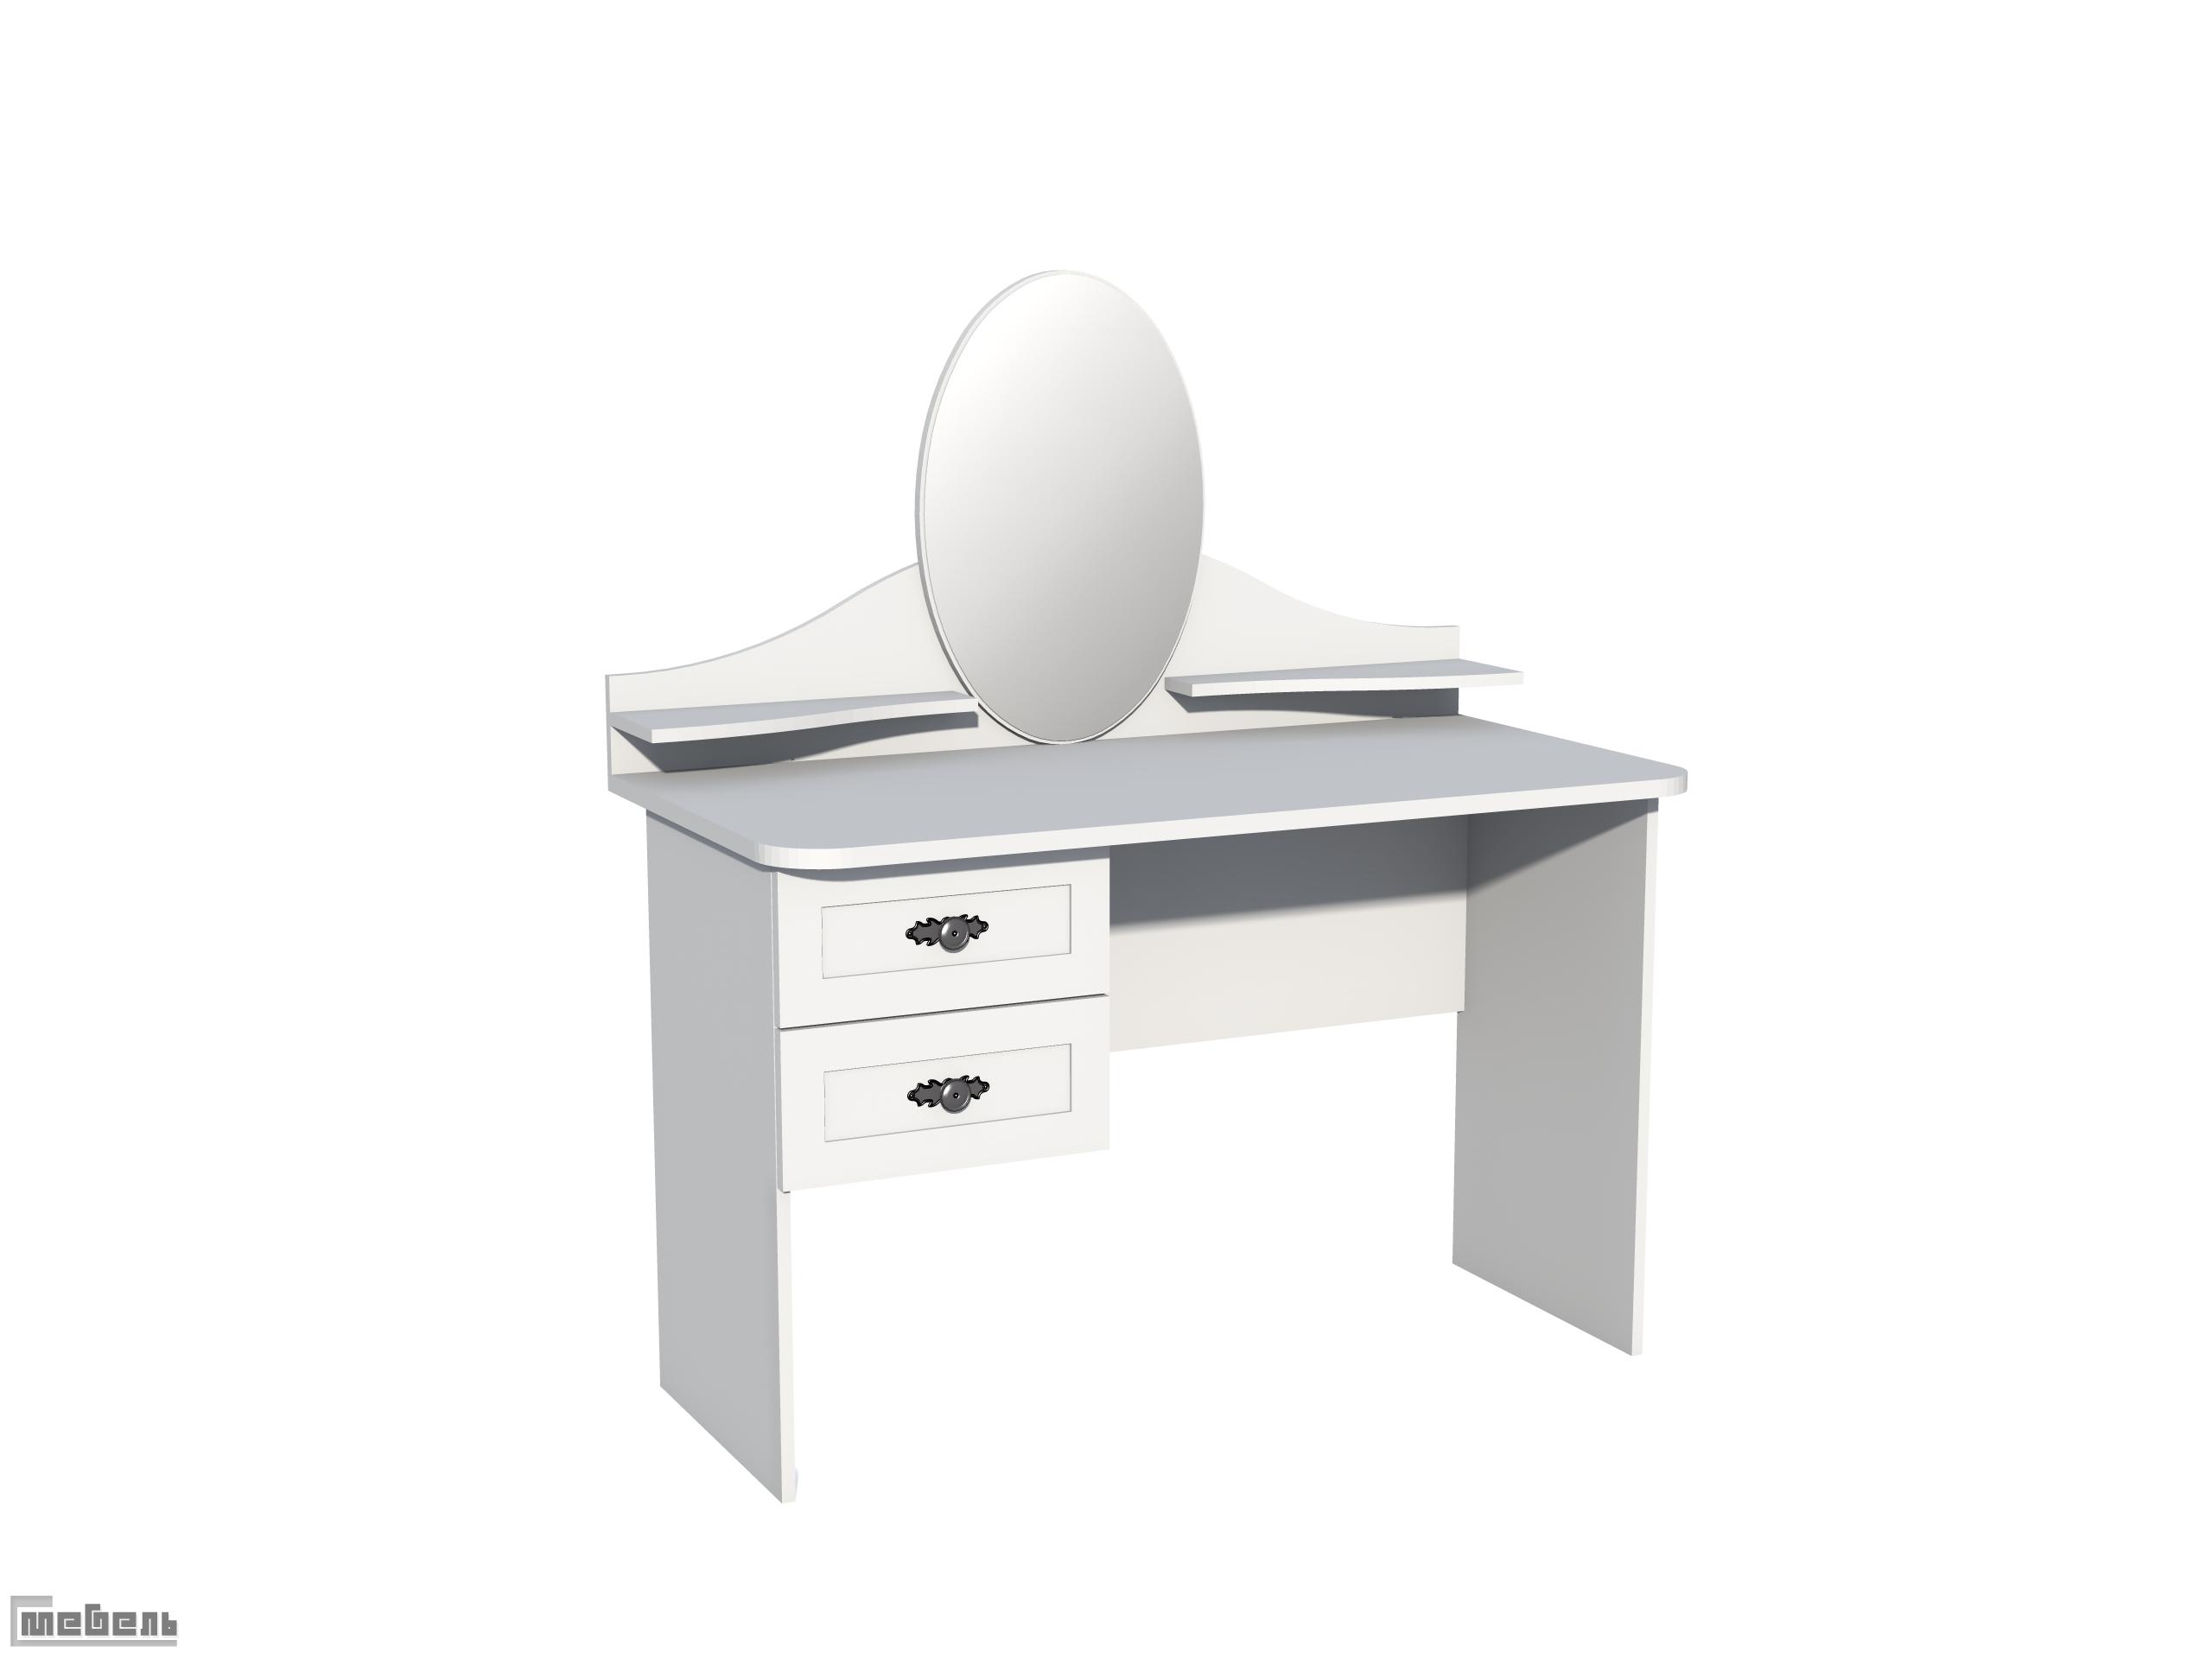 НМ 011.09-01 Стол туалетный 2-01 - ЛДСП + МДФ